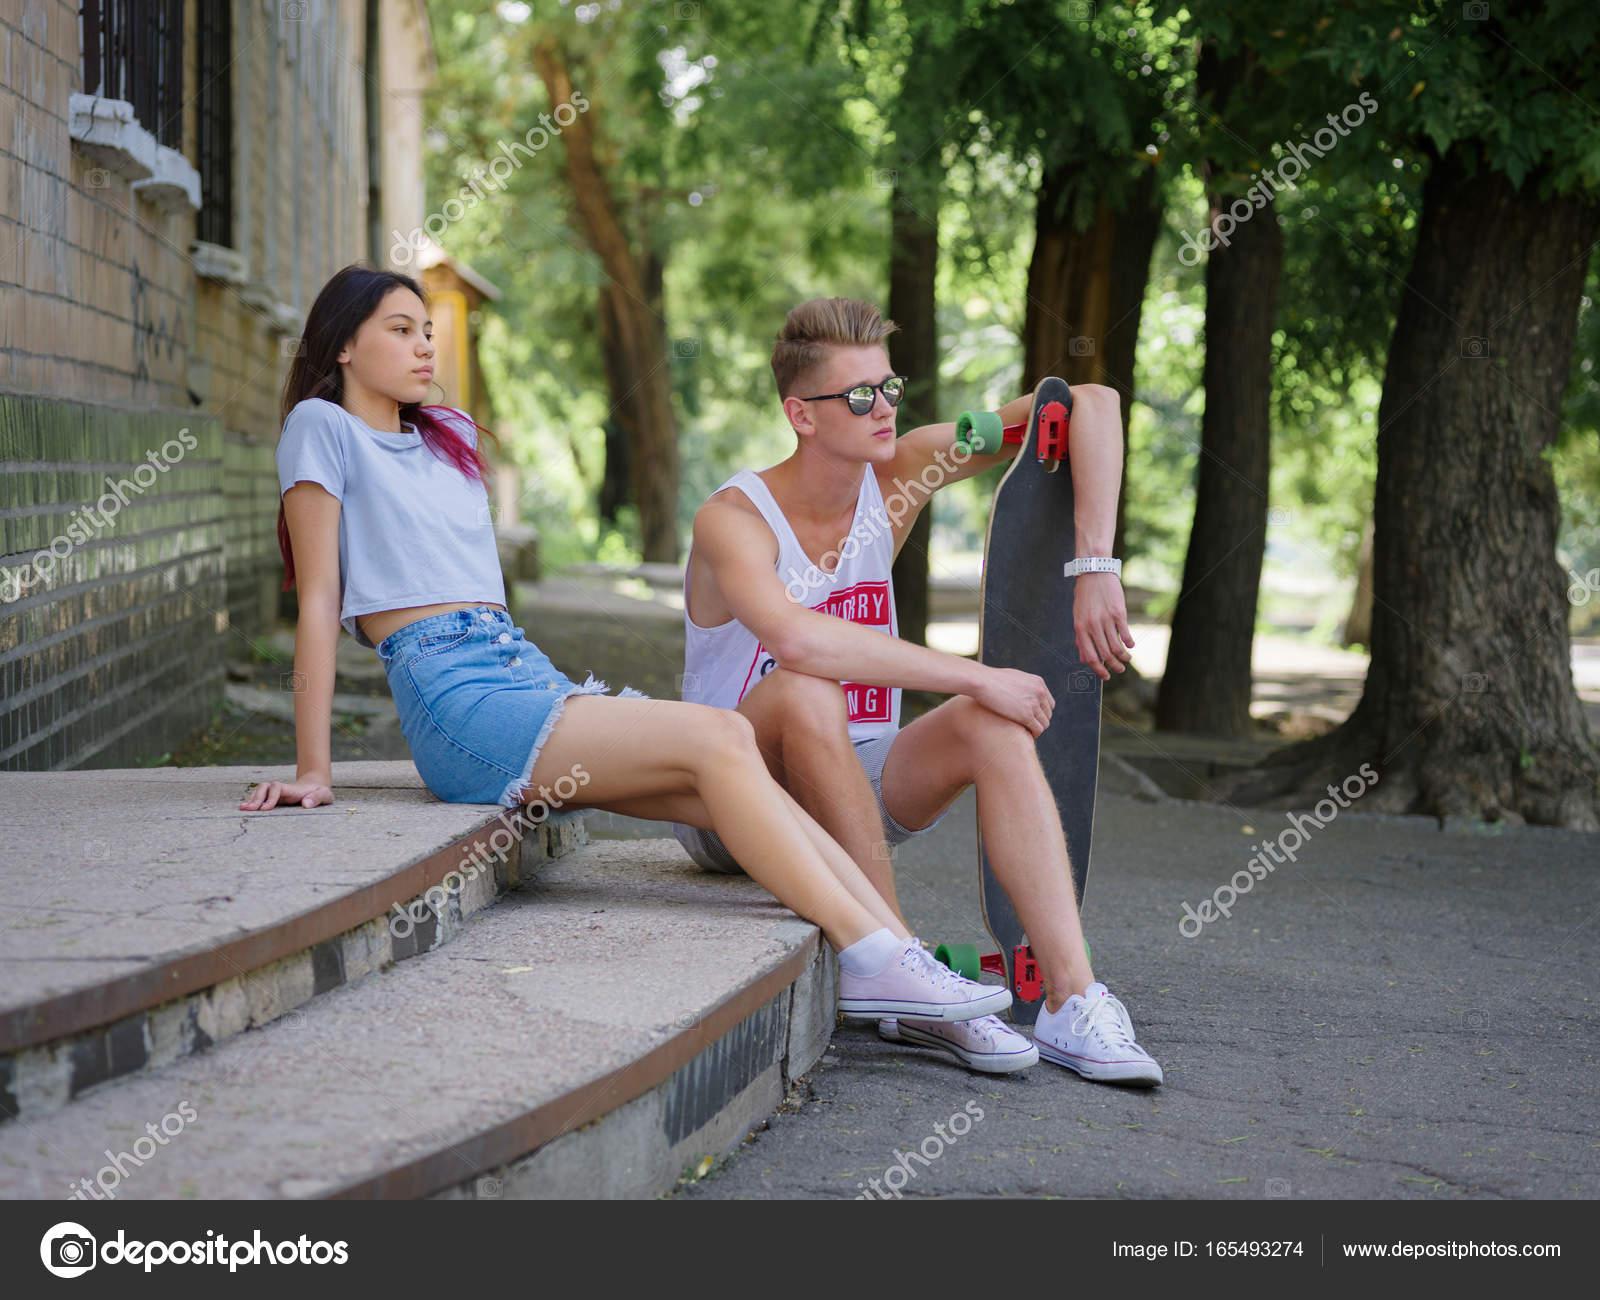 Размытое фото с парнем и девушкой